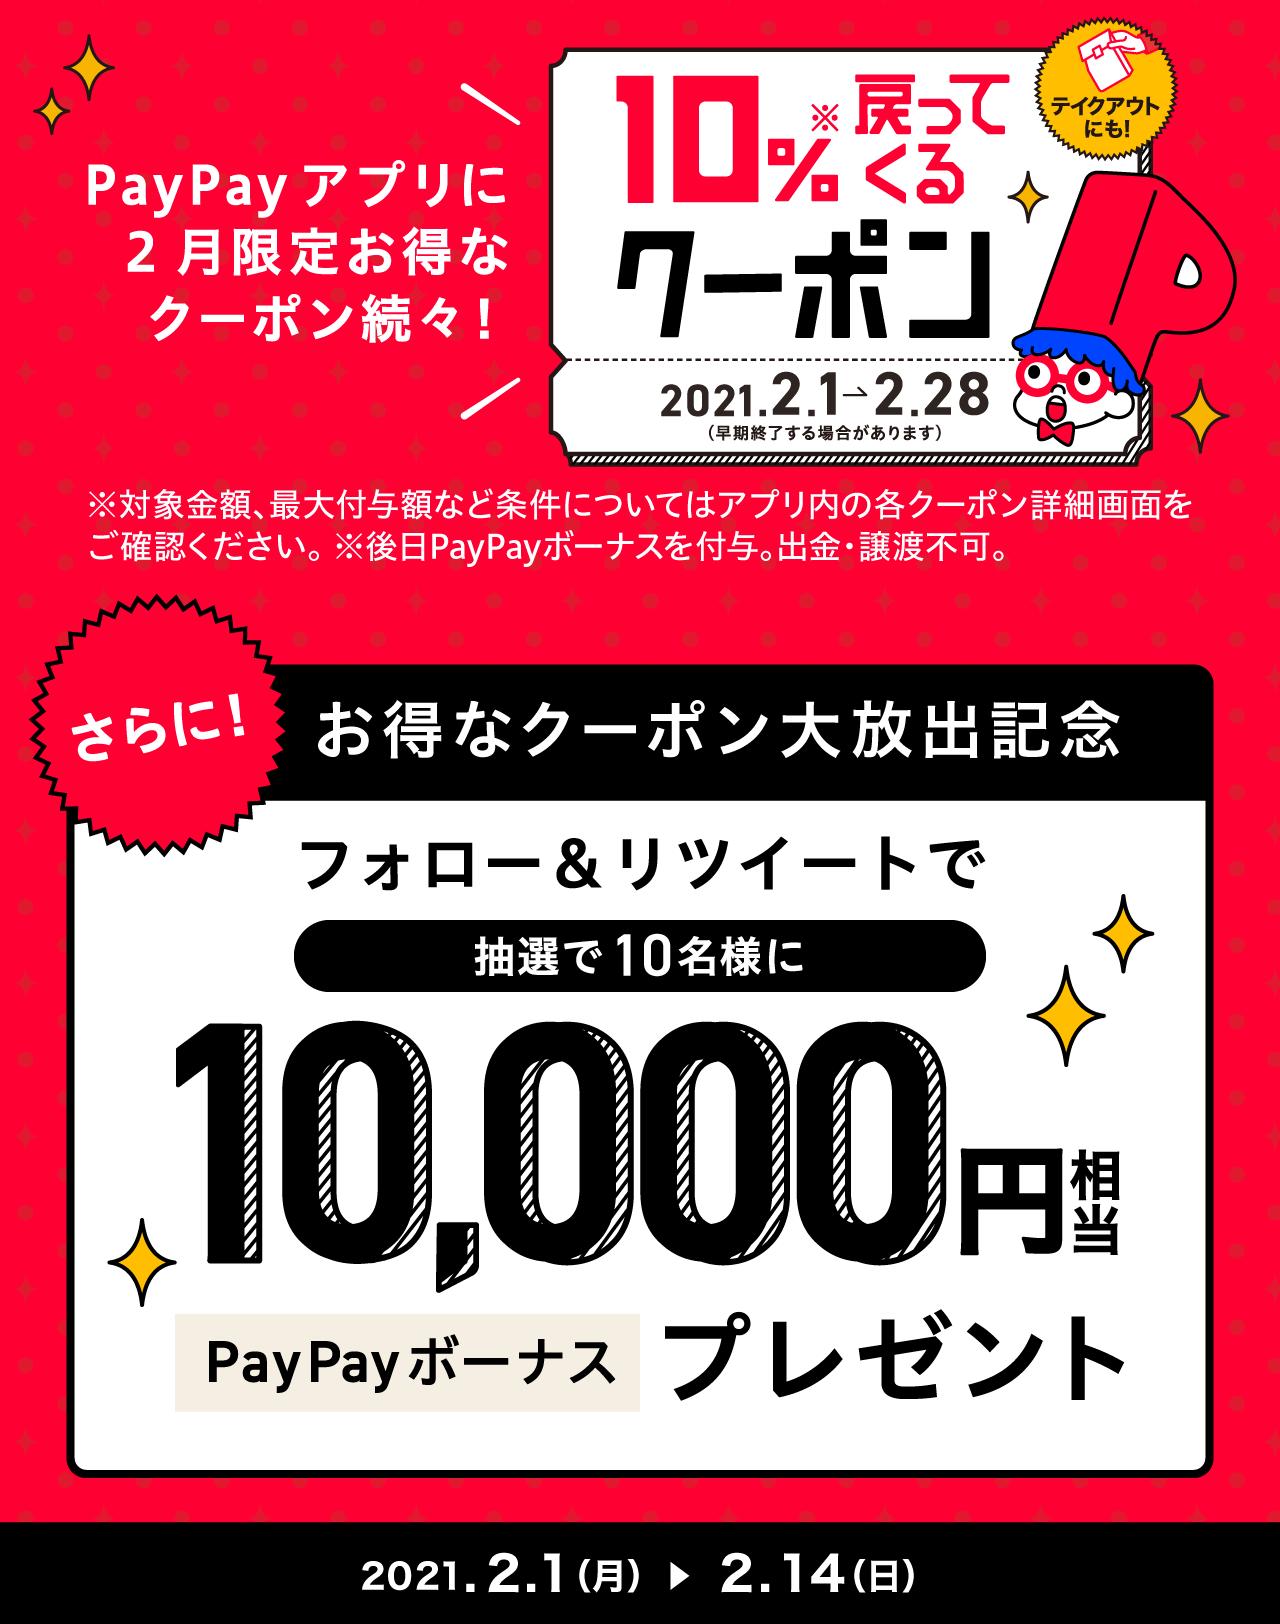 PayPayアプリに2月限定お得なクーポン続々!10%戻ってくるクーポン さらに!お得なクーポン大放出記念 フォロー&リツイートで抽選で10名様に10,000円相当PayPayボーナスプレゼント